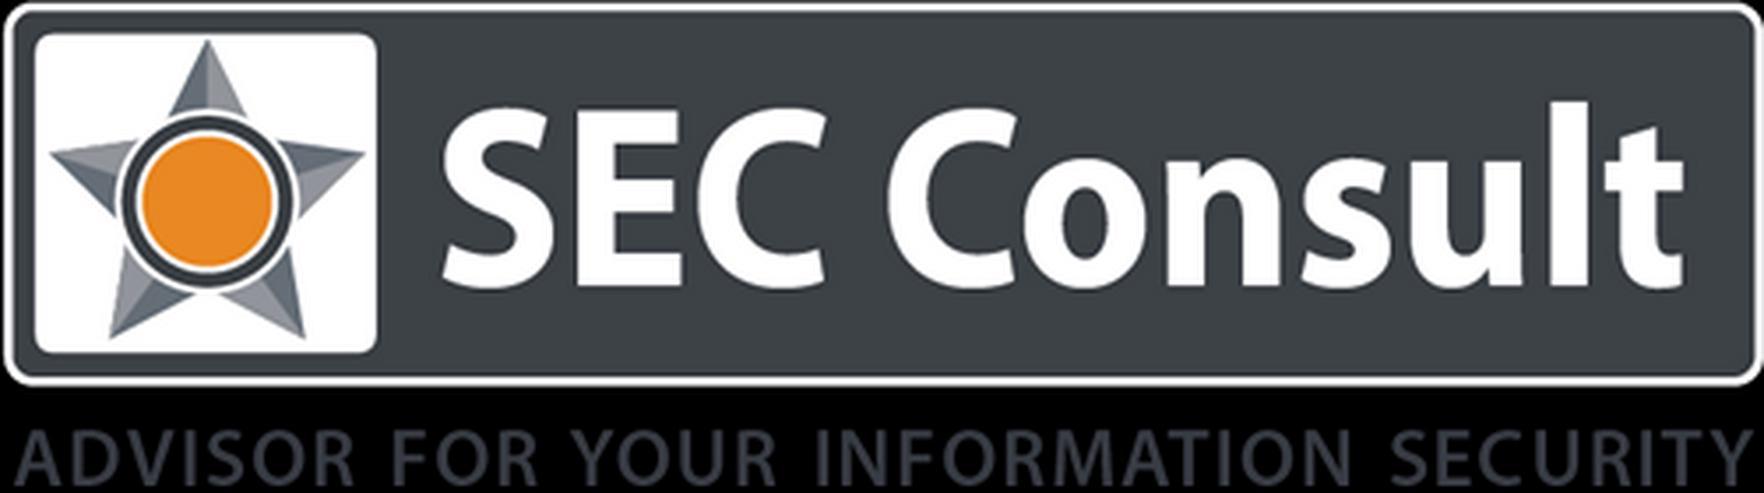 Tech. Security Consultants (w/m/d)